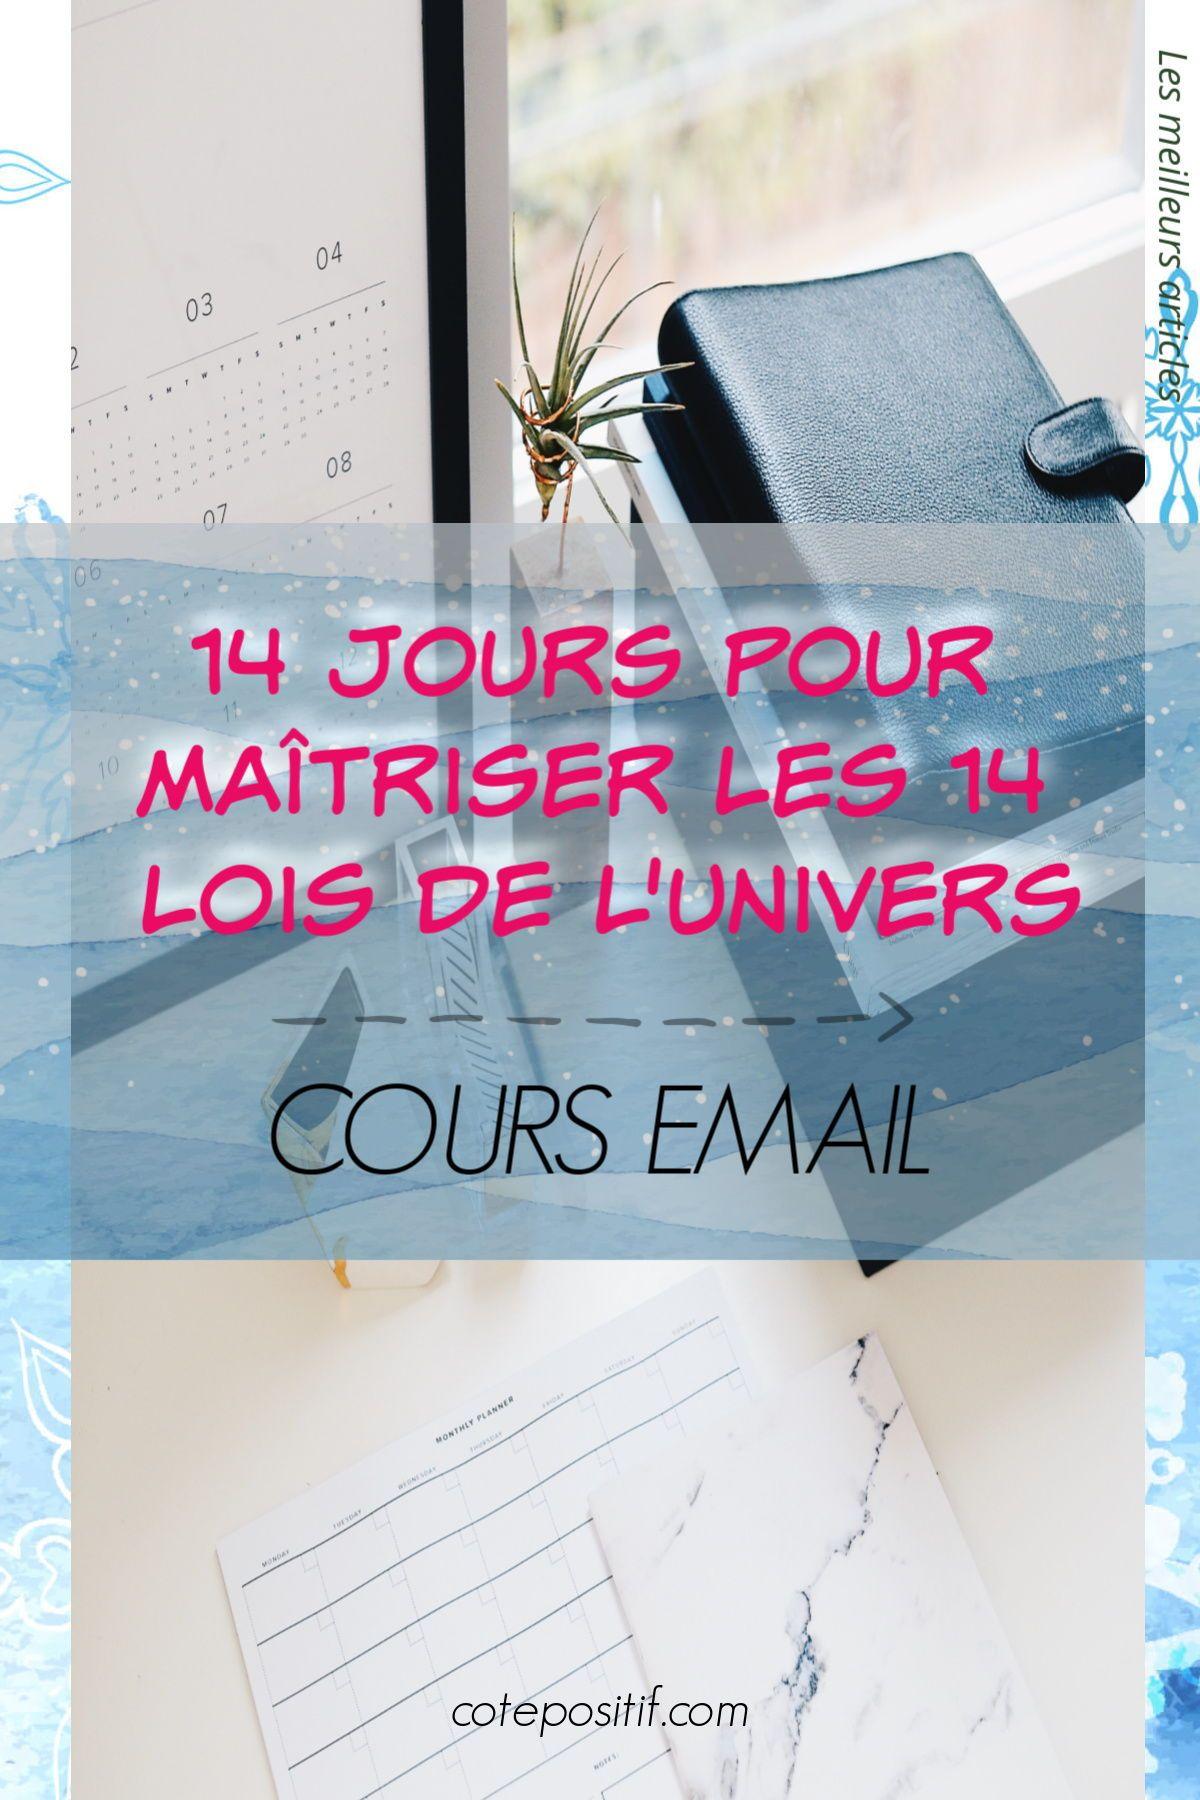 Cours Email 14 Jours Pour Maitriser Les 14 Lois De L Univers